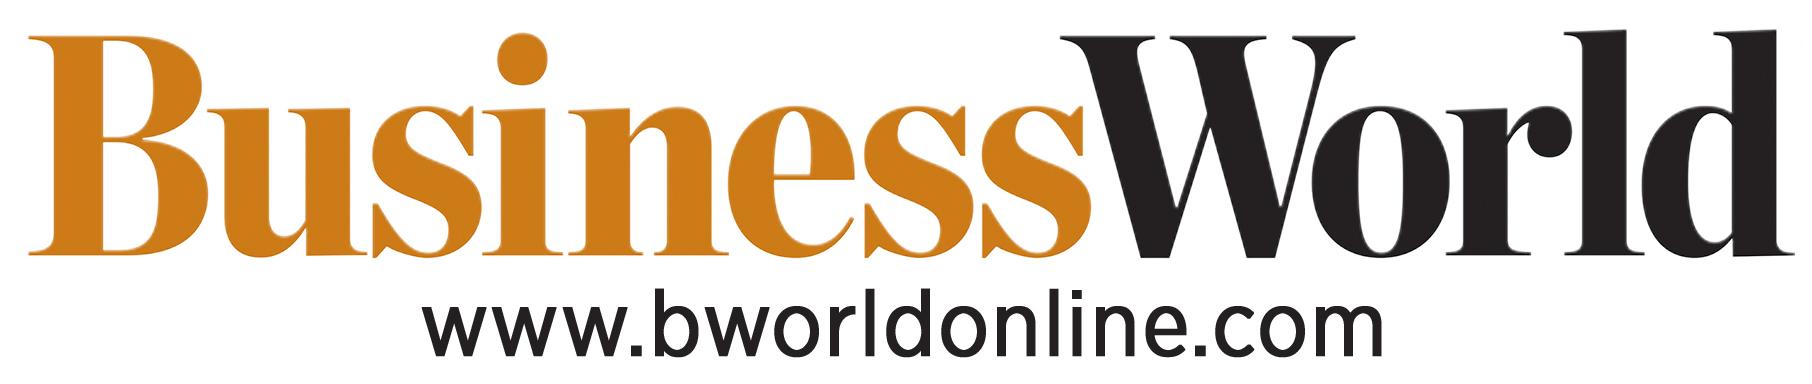 BUSINESSWORLD bworldonline.com (Black) (1).jpg